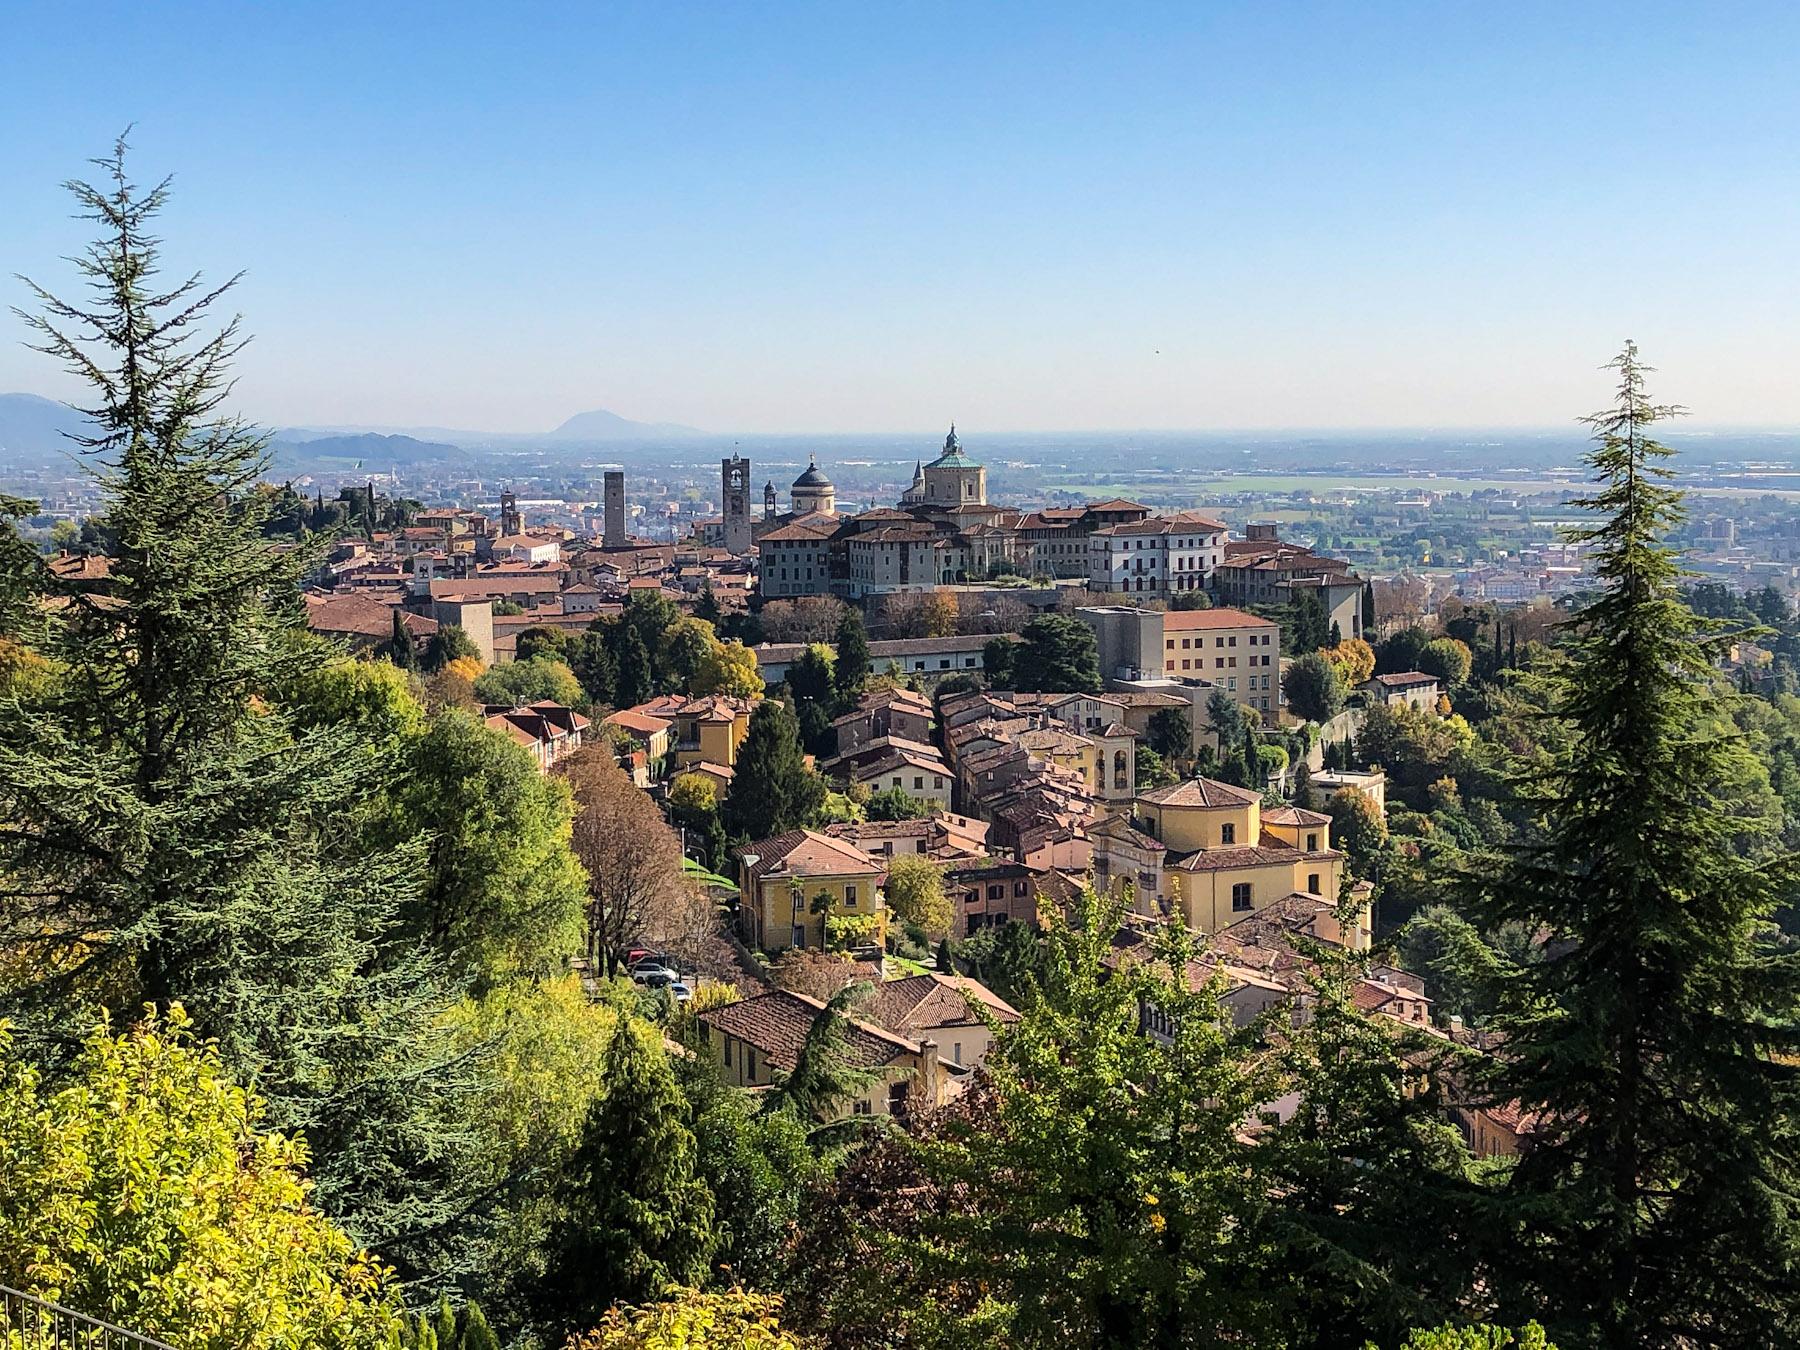 View of Citta Alta, Bergamo, Italy